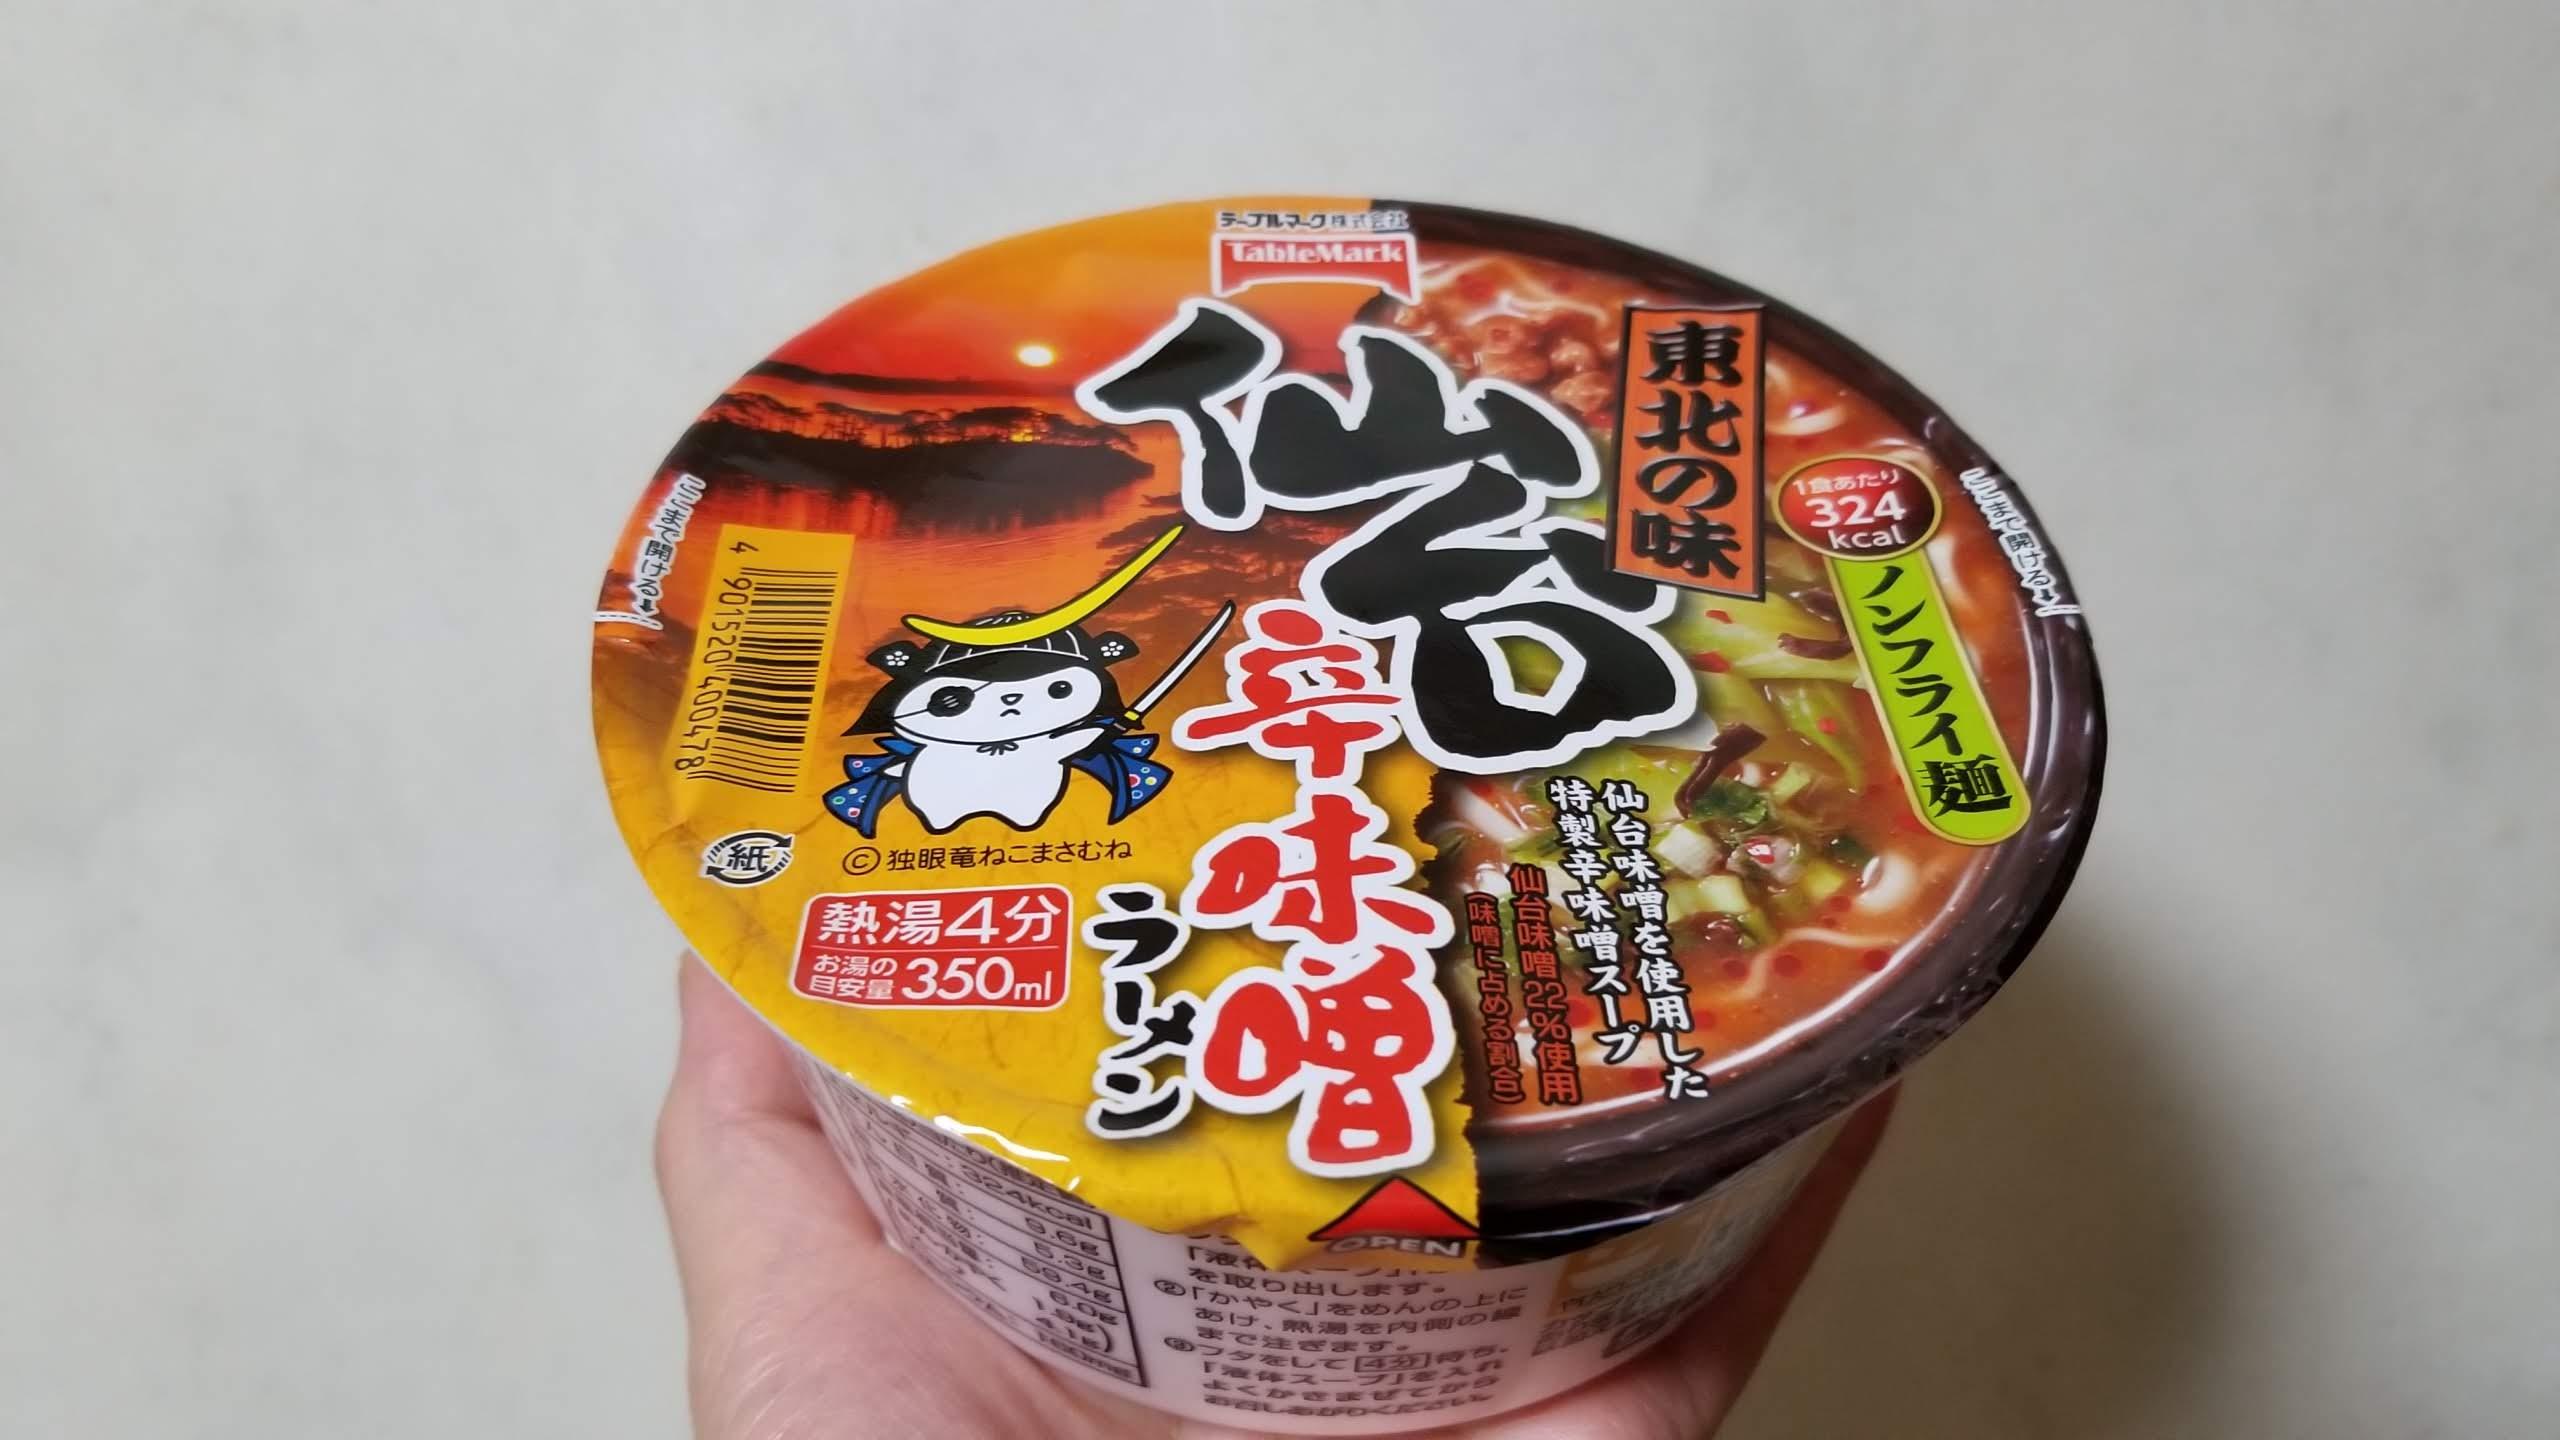 東北の味-仙台辛味噌ラーメン/テーブルマーク_20200418_161846